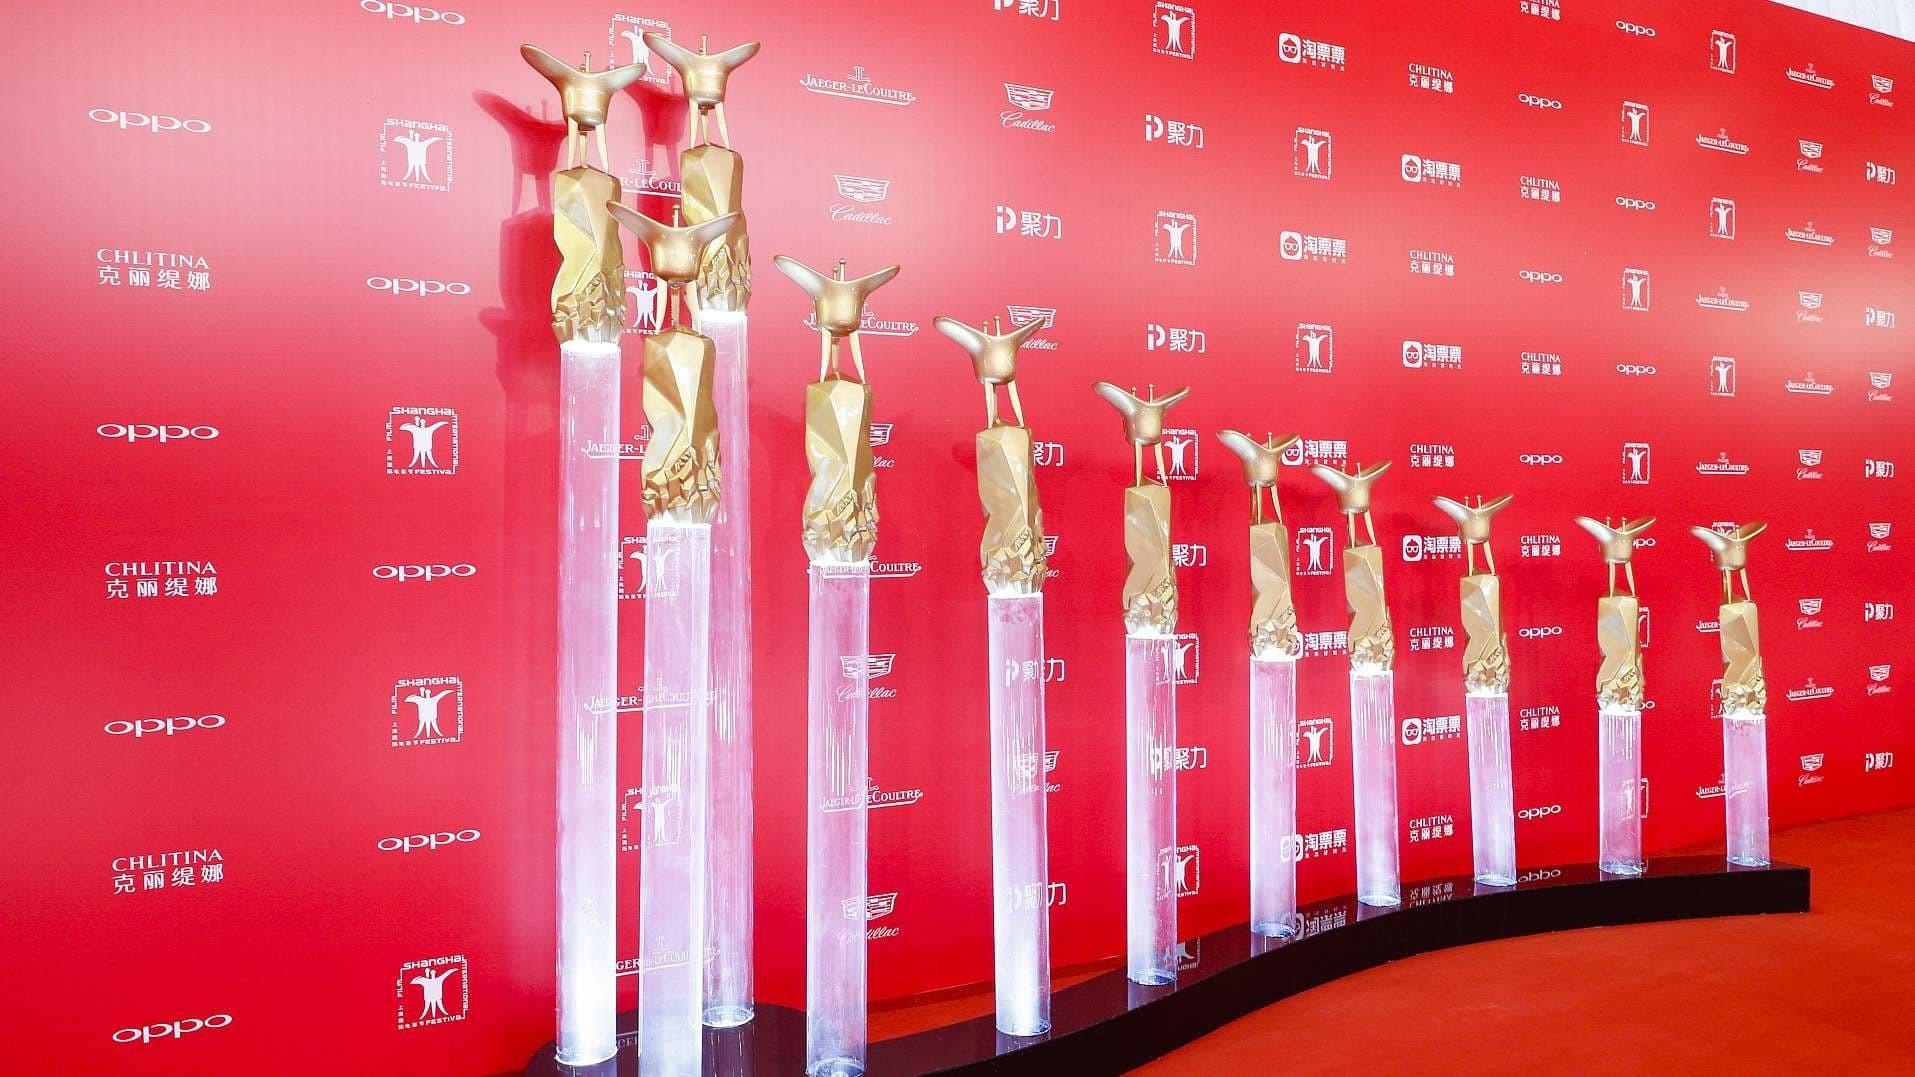 Négy magyar film is meghívást kapott a Sanghaji Nemzetközi Filmfesztiválra